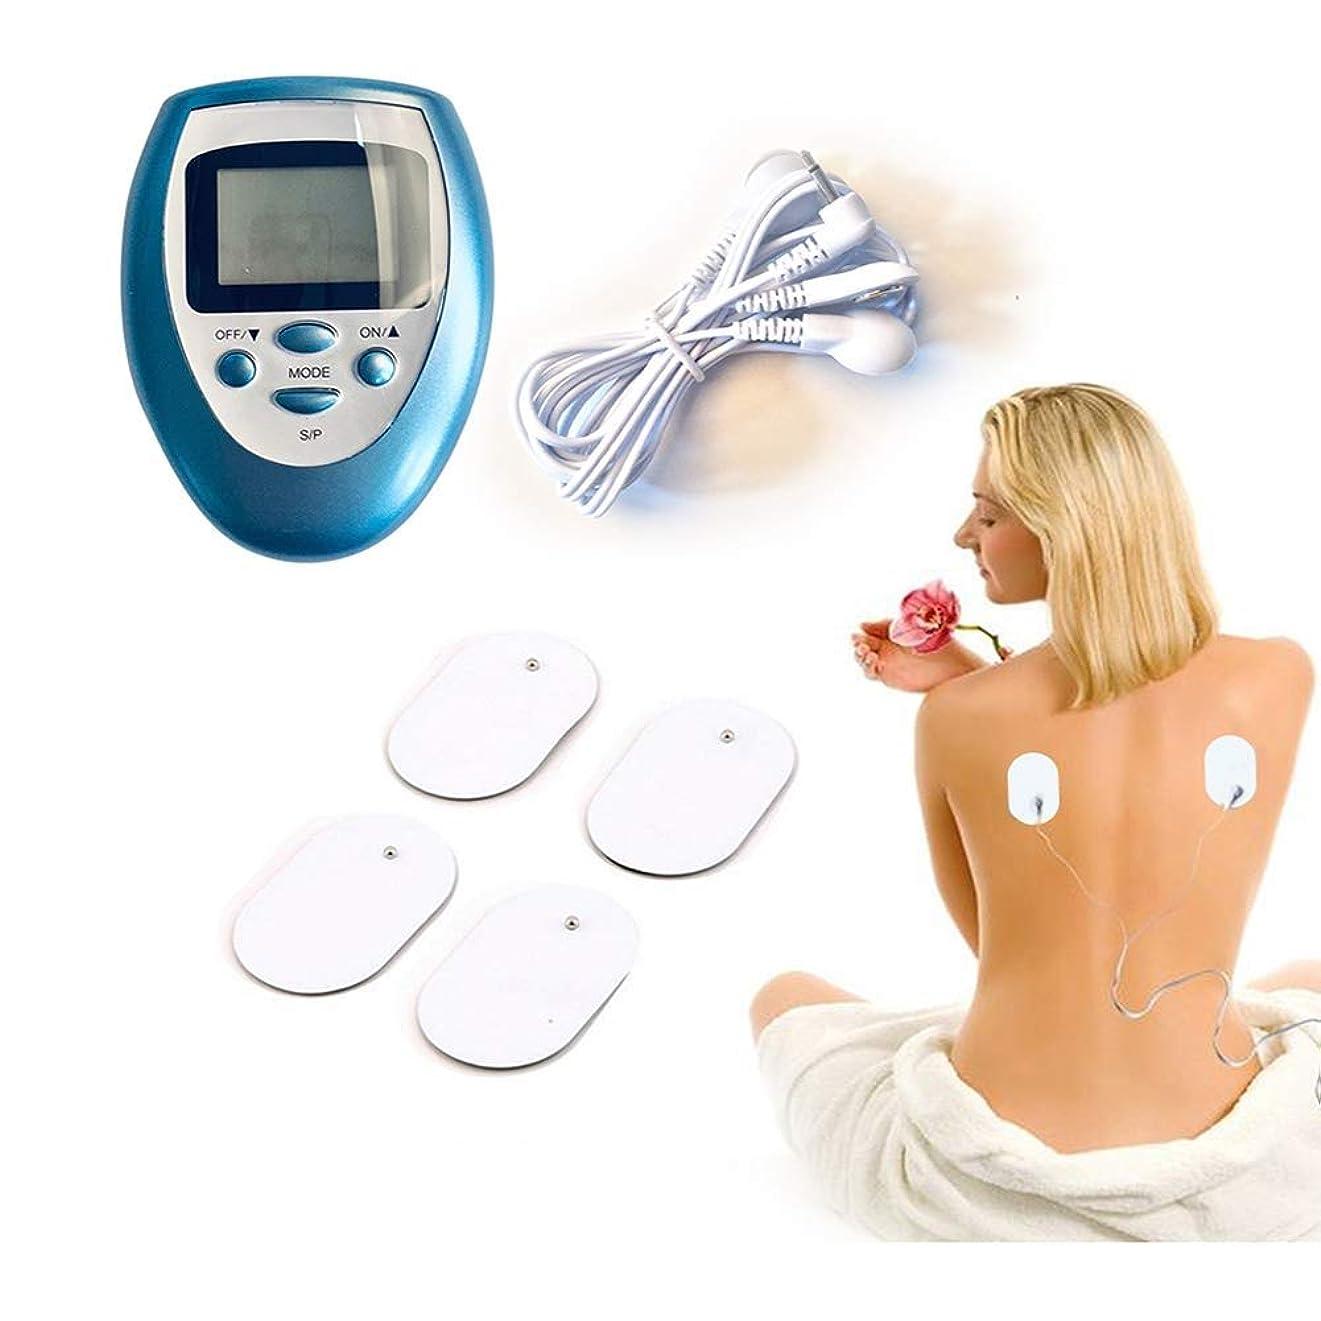 前者小道かどうかマッサージステッカー 疼痛緩和パルスマッサージEMS筋肉刺激のための4本の電極パッドを持つ10台のマシンユニット10台の電気刺激装置